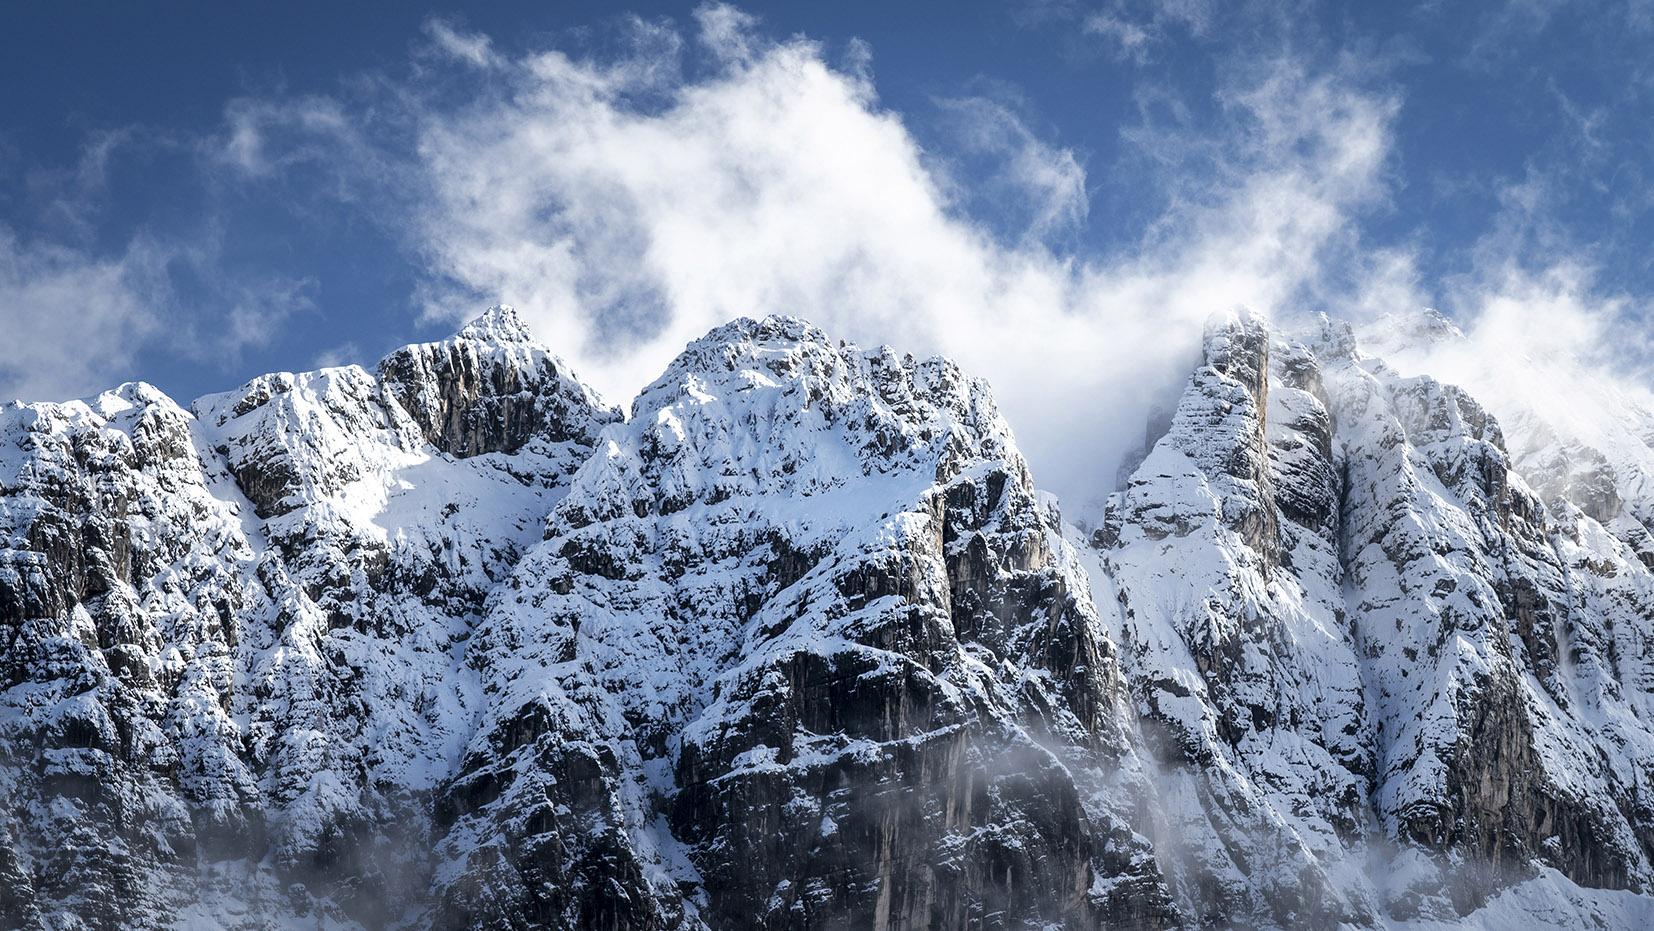 Dolomites cimes enneigées